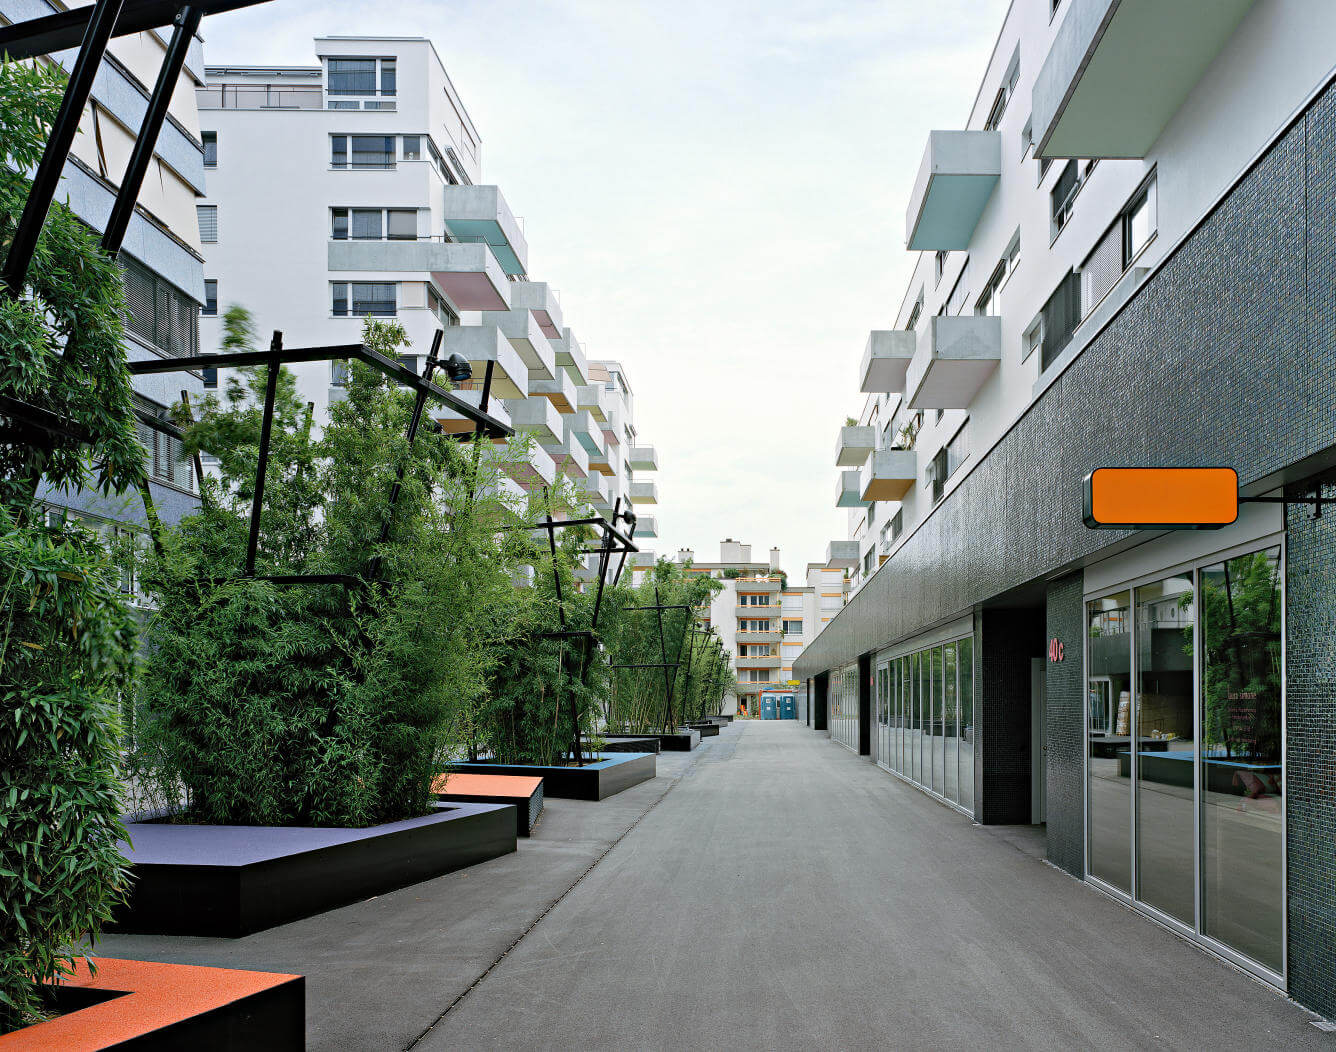 Berliner singlebörse wien